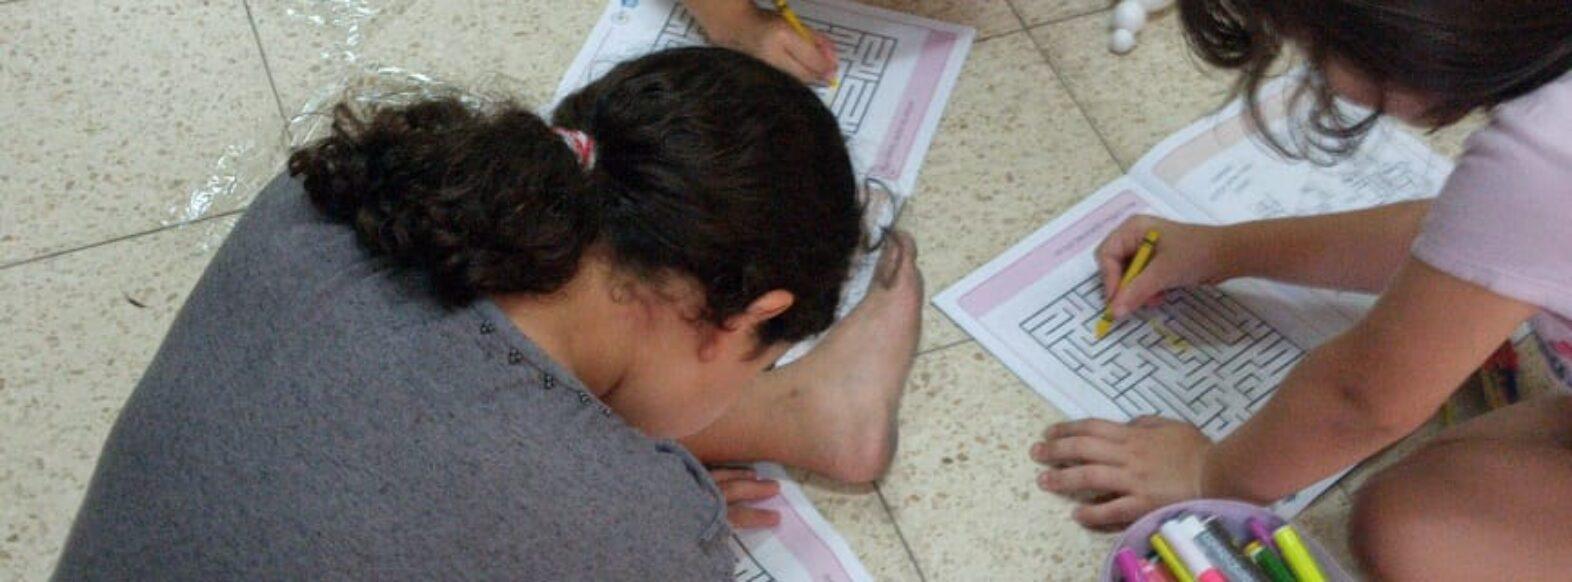 עיריית קריית ביאליק פתחה שמרטפיות לילדי עובדי החינוך המיוחד ולילדי עובדי העירייה